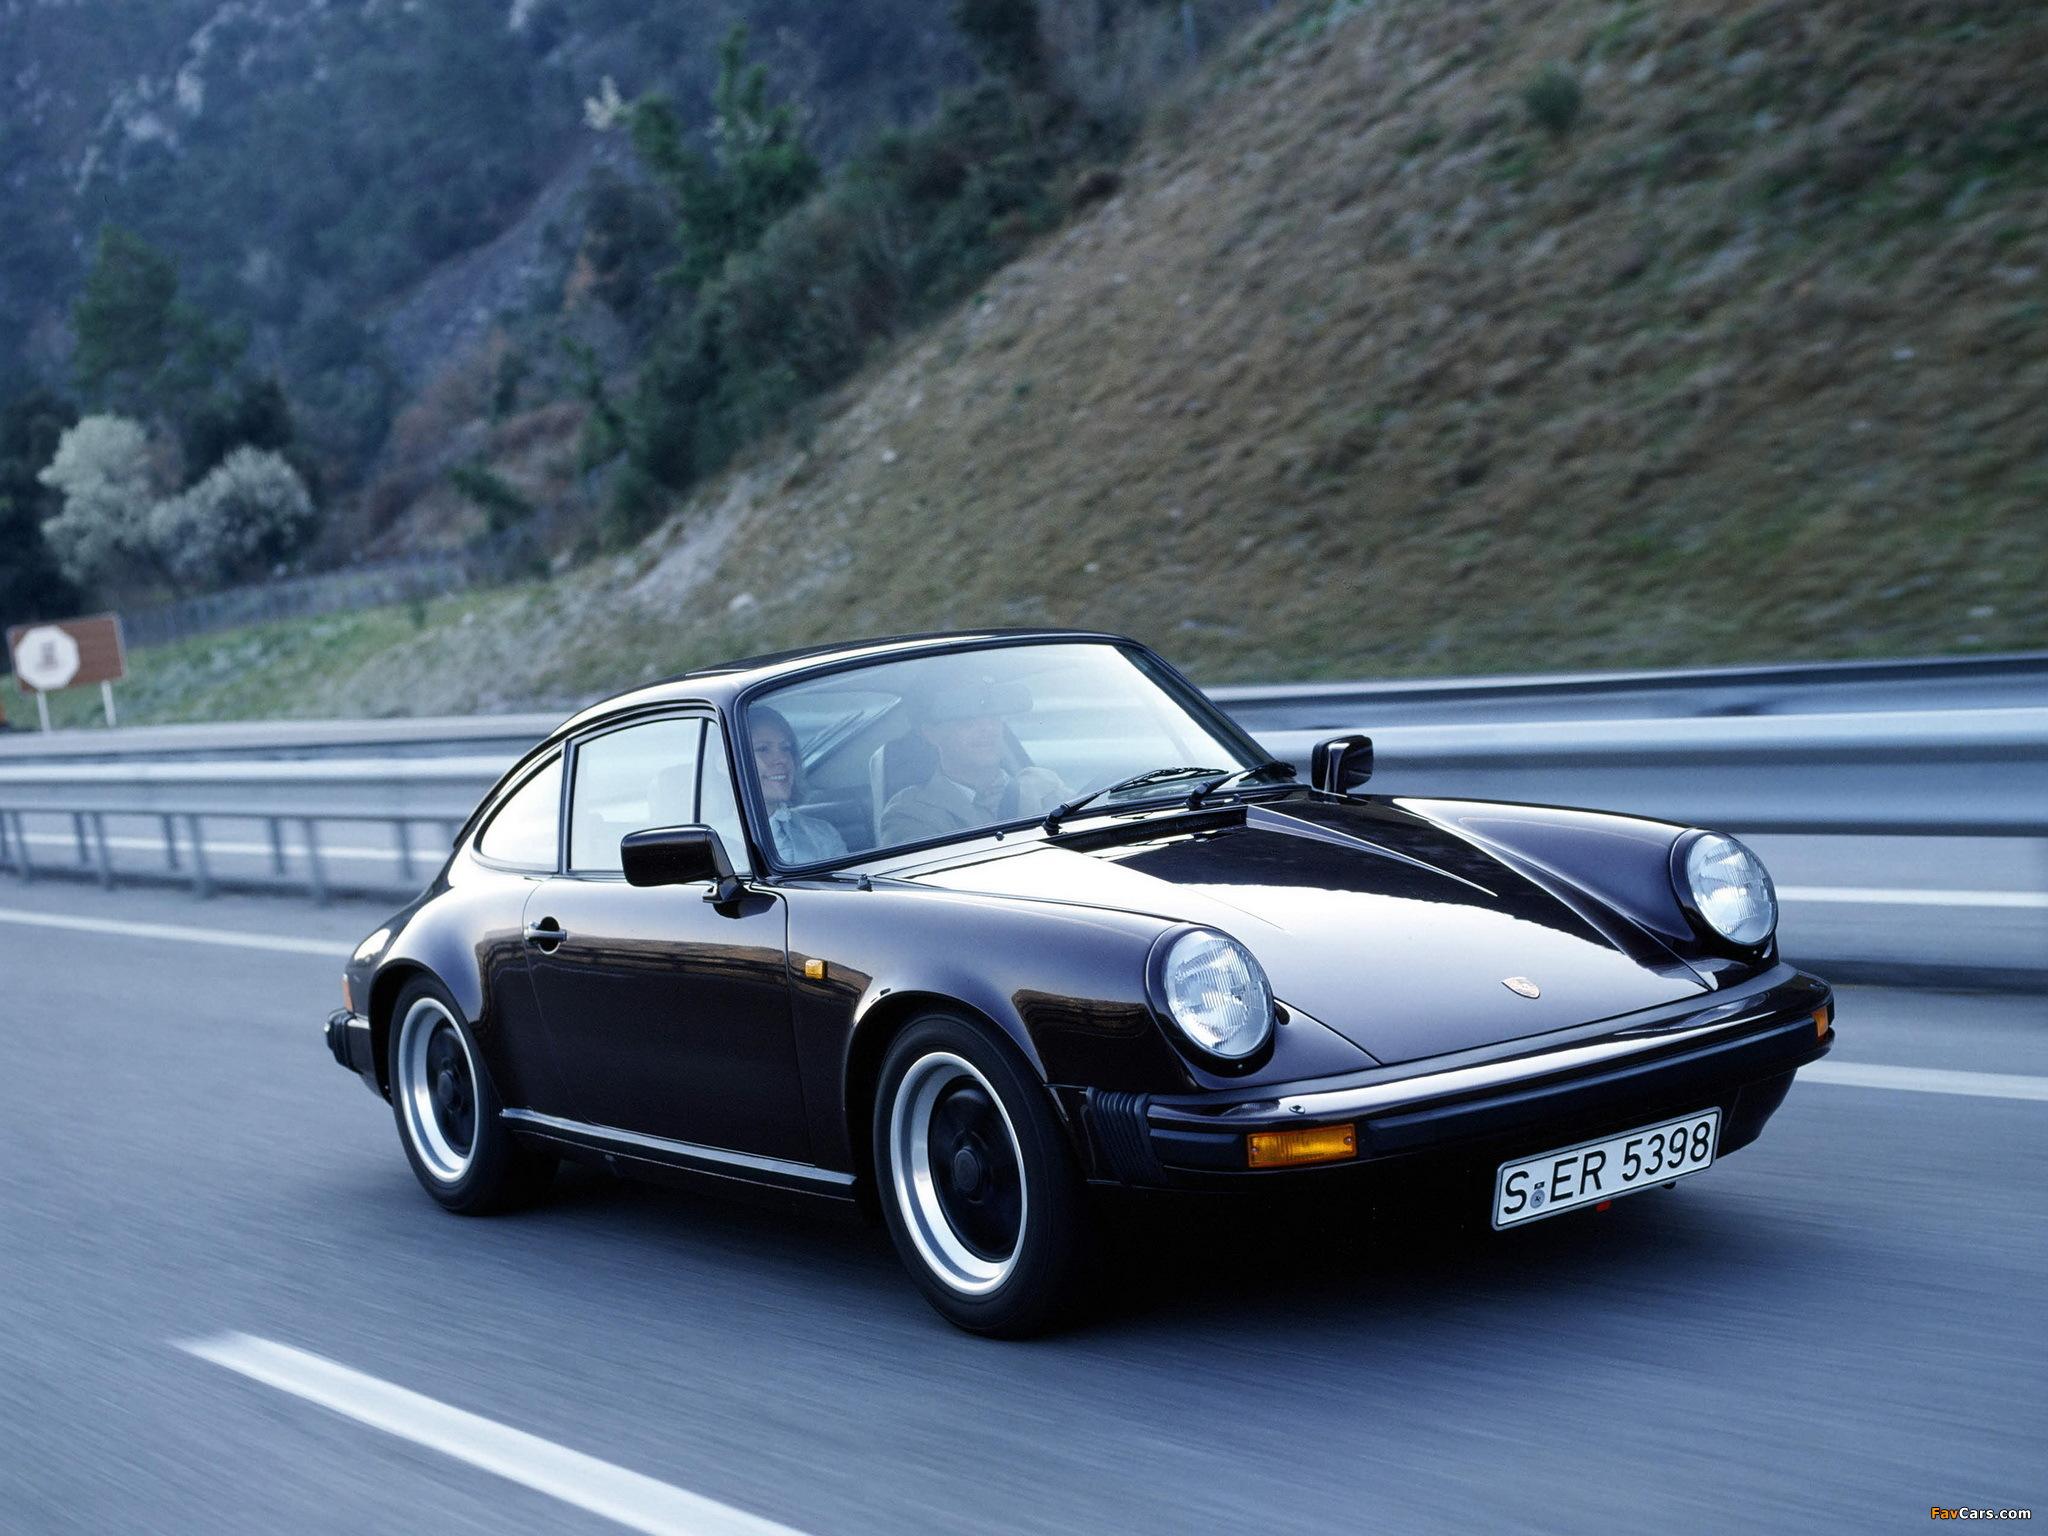 Porsche 911 sc 1977